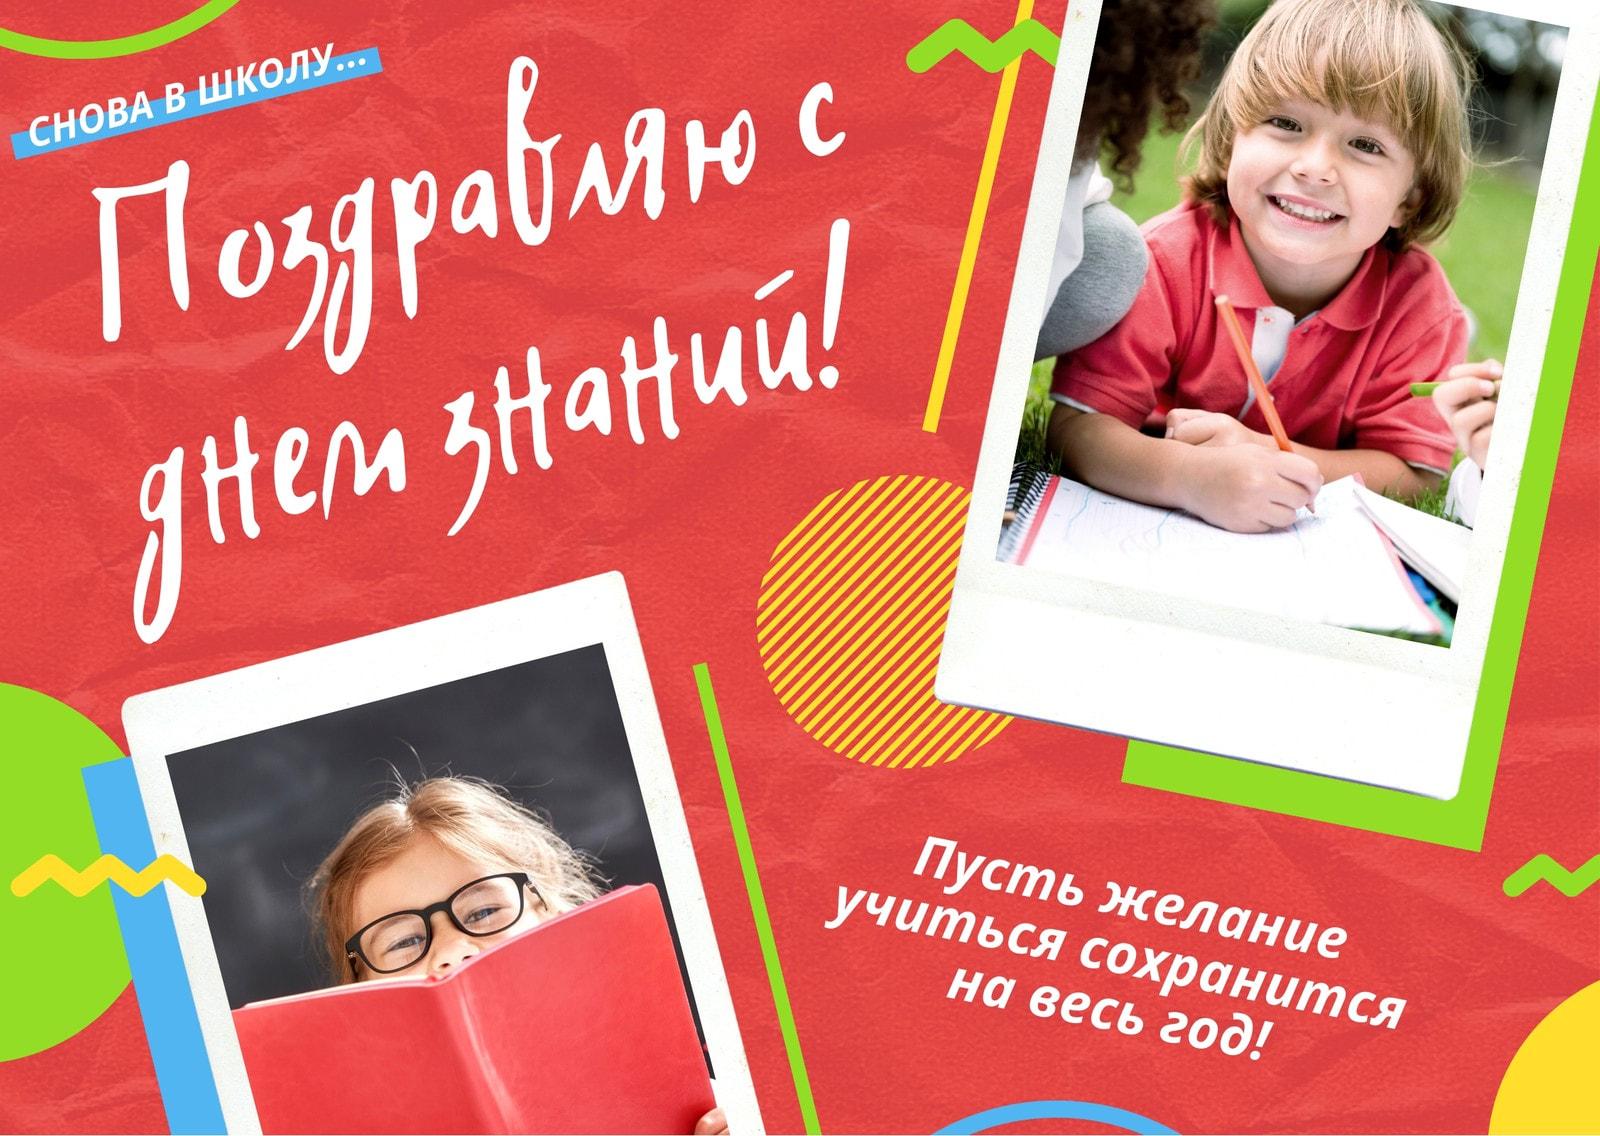 Красная открытка на день знаний с фотографиями детей